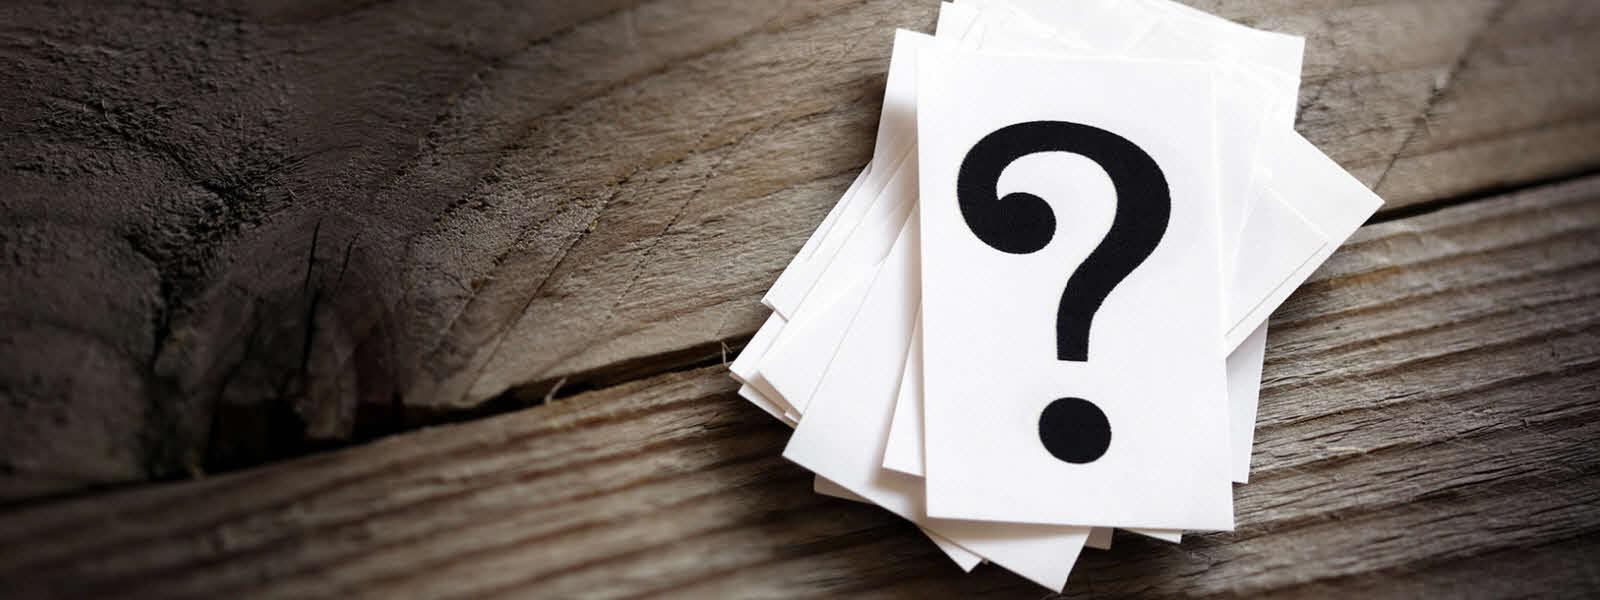 Should You Have A Channel Partner Co-Op MDF Program?